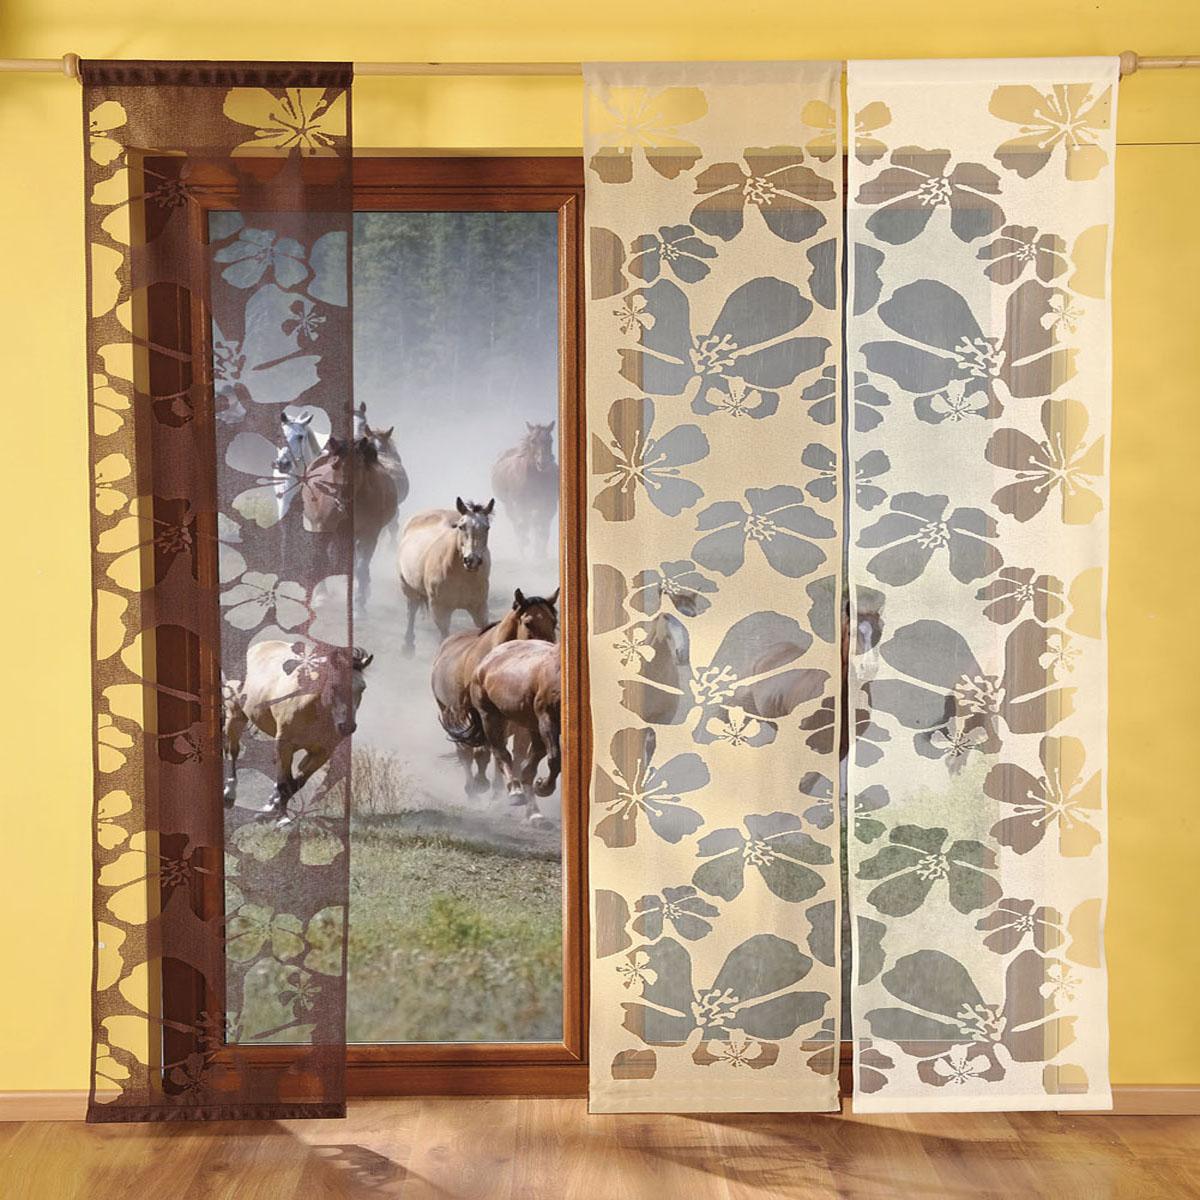 """Гардина """"Wisan"""", выполненная из легкого полупрозрачного полиэстера, станет великолепным украшением окна в спальне или гостиной. Изделие дополнено красивыми цветочными узорами по всей поверхности полотна. Качественный материал, тонкое плетение и оригинальный дизайн привлекут к себе внимание и позволят гардине органично вписаться в интерьер помещения. Гардина оснащена кулиской для крепления на круглый карниз."""